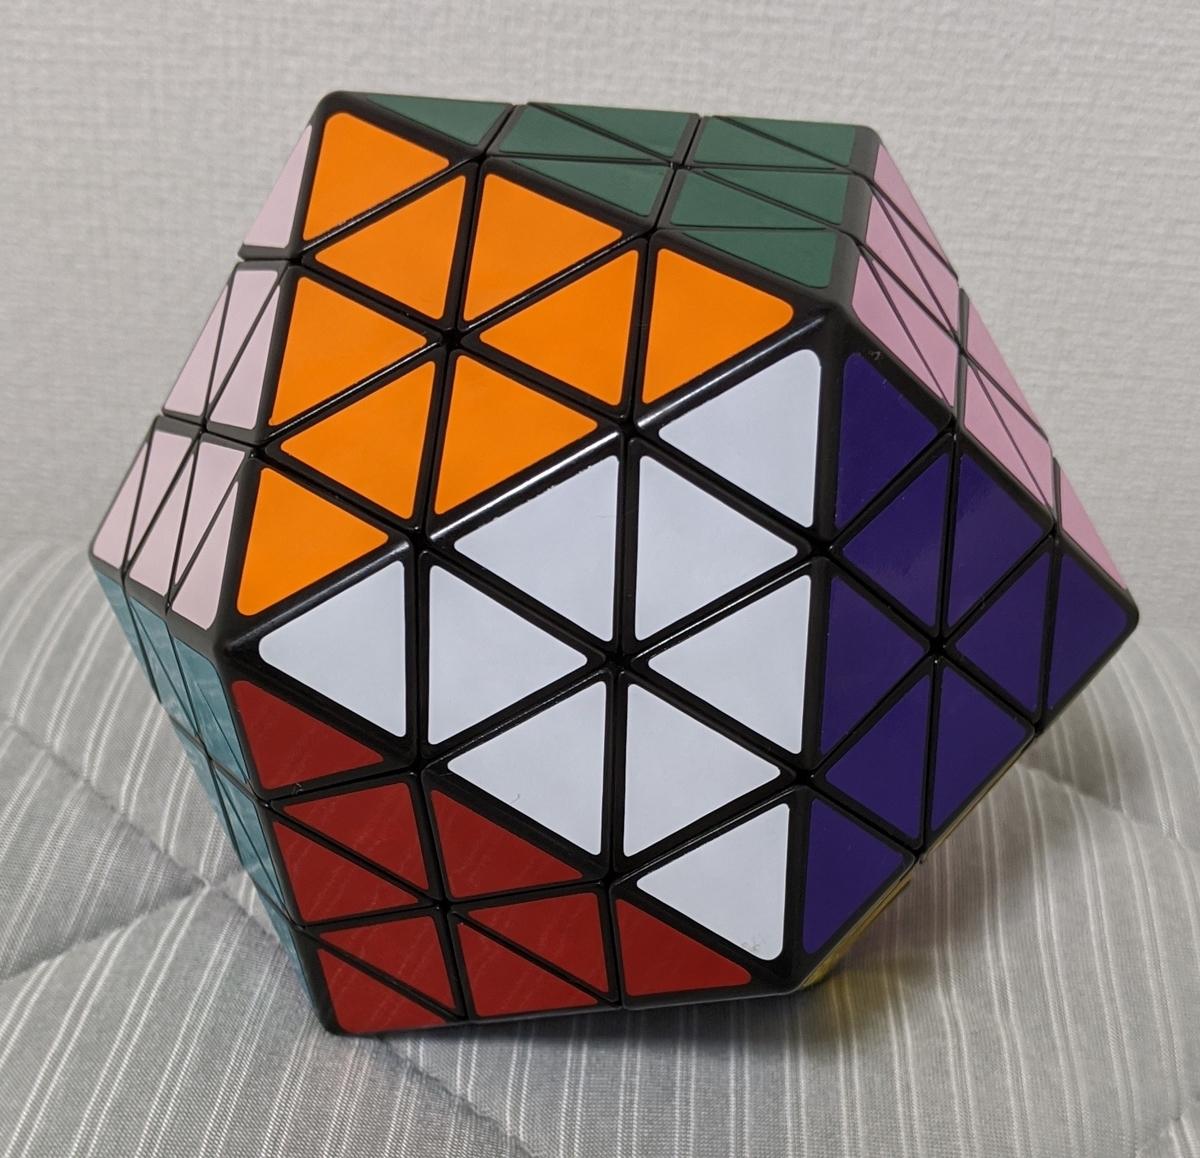 f:id:CubeSystema:20201209184537j:plain